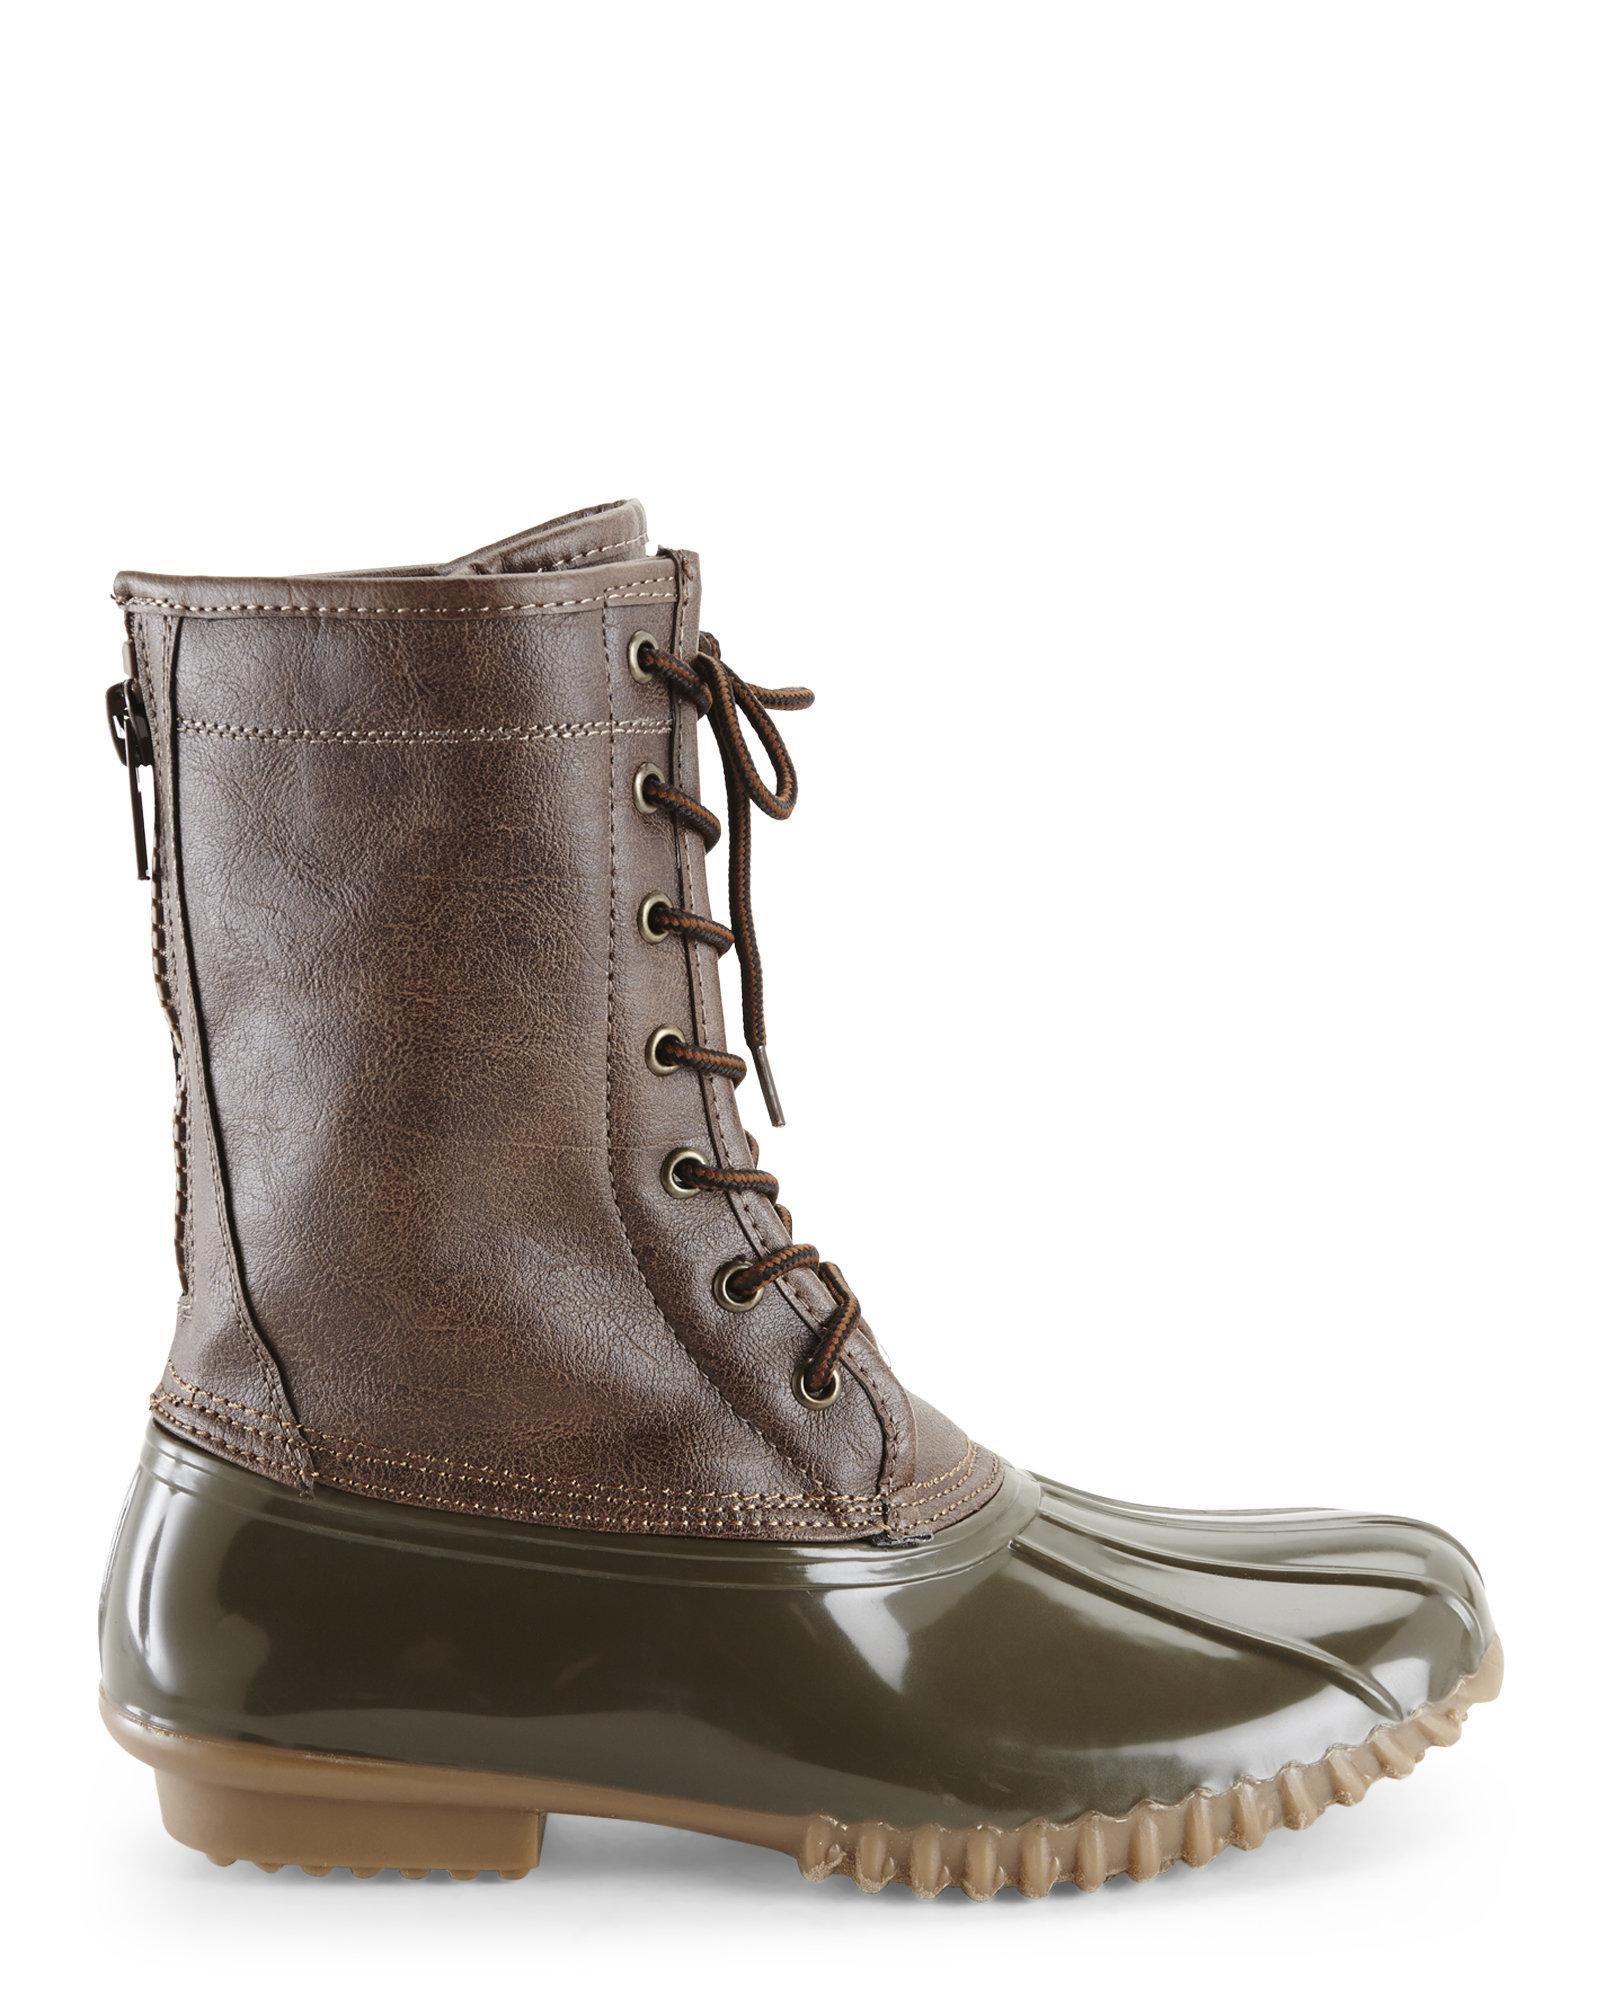 Madden girl zarah boots